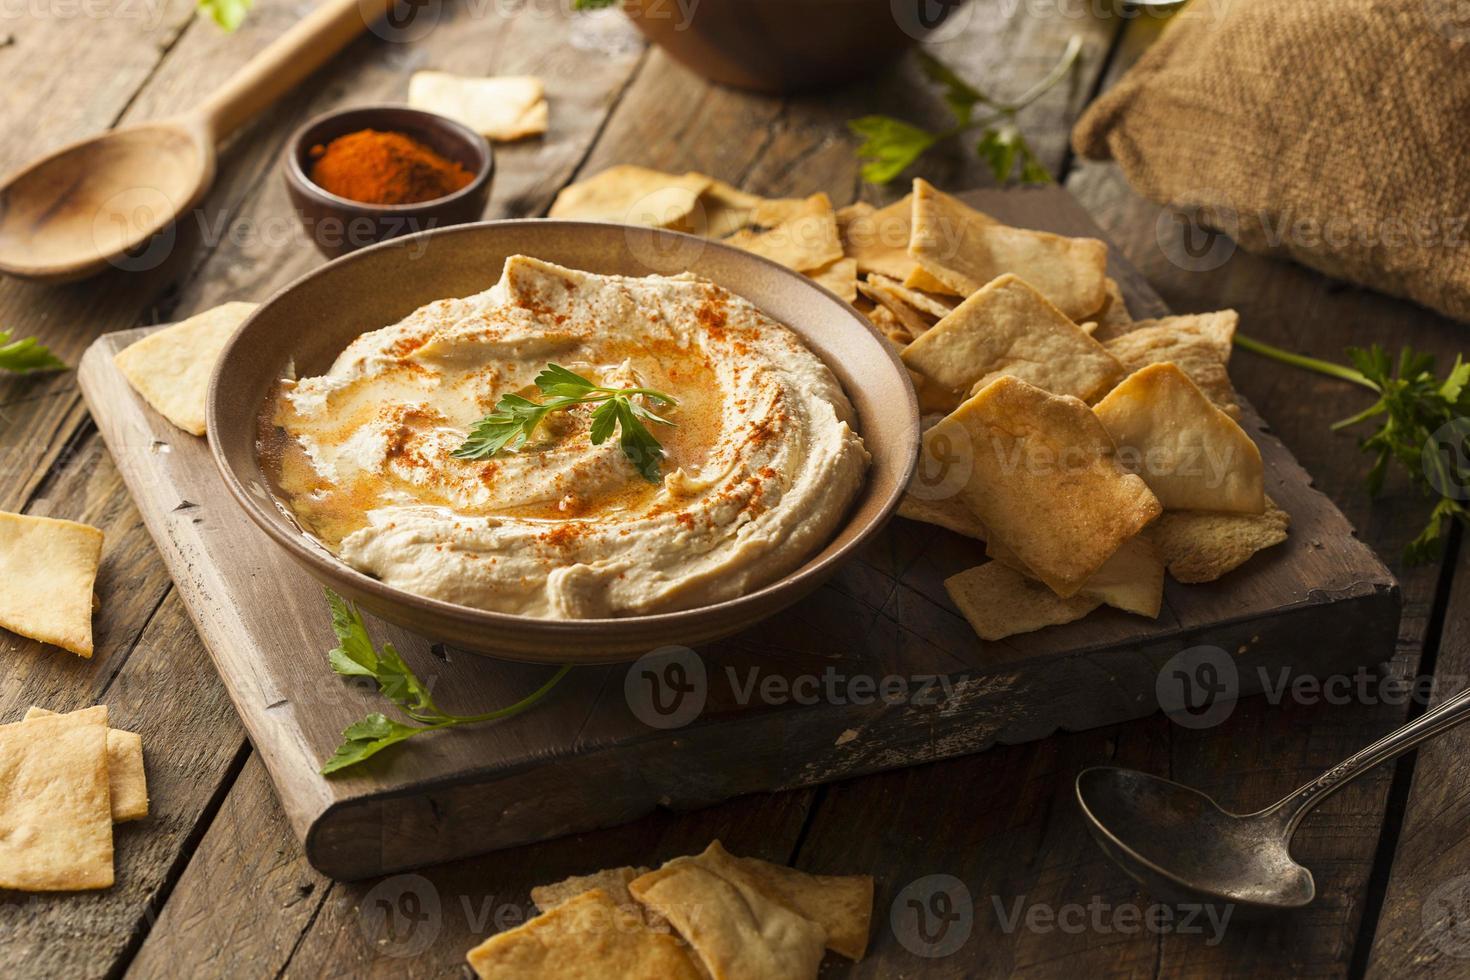 gesunder hausgemachter cremiger Hummus foto